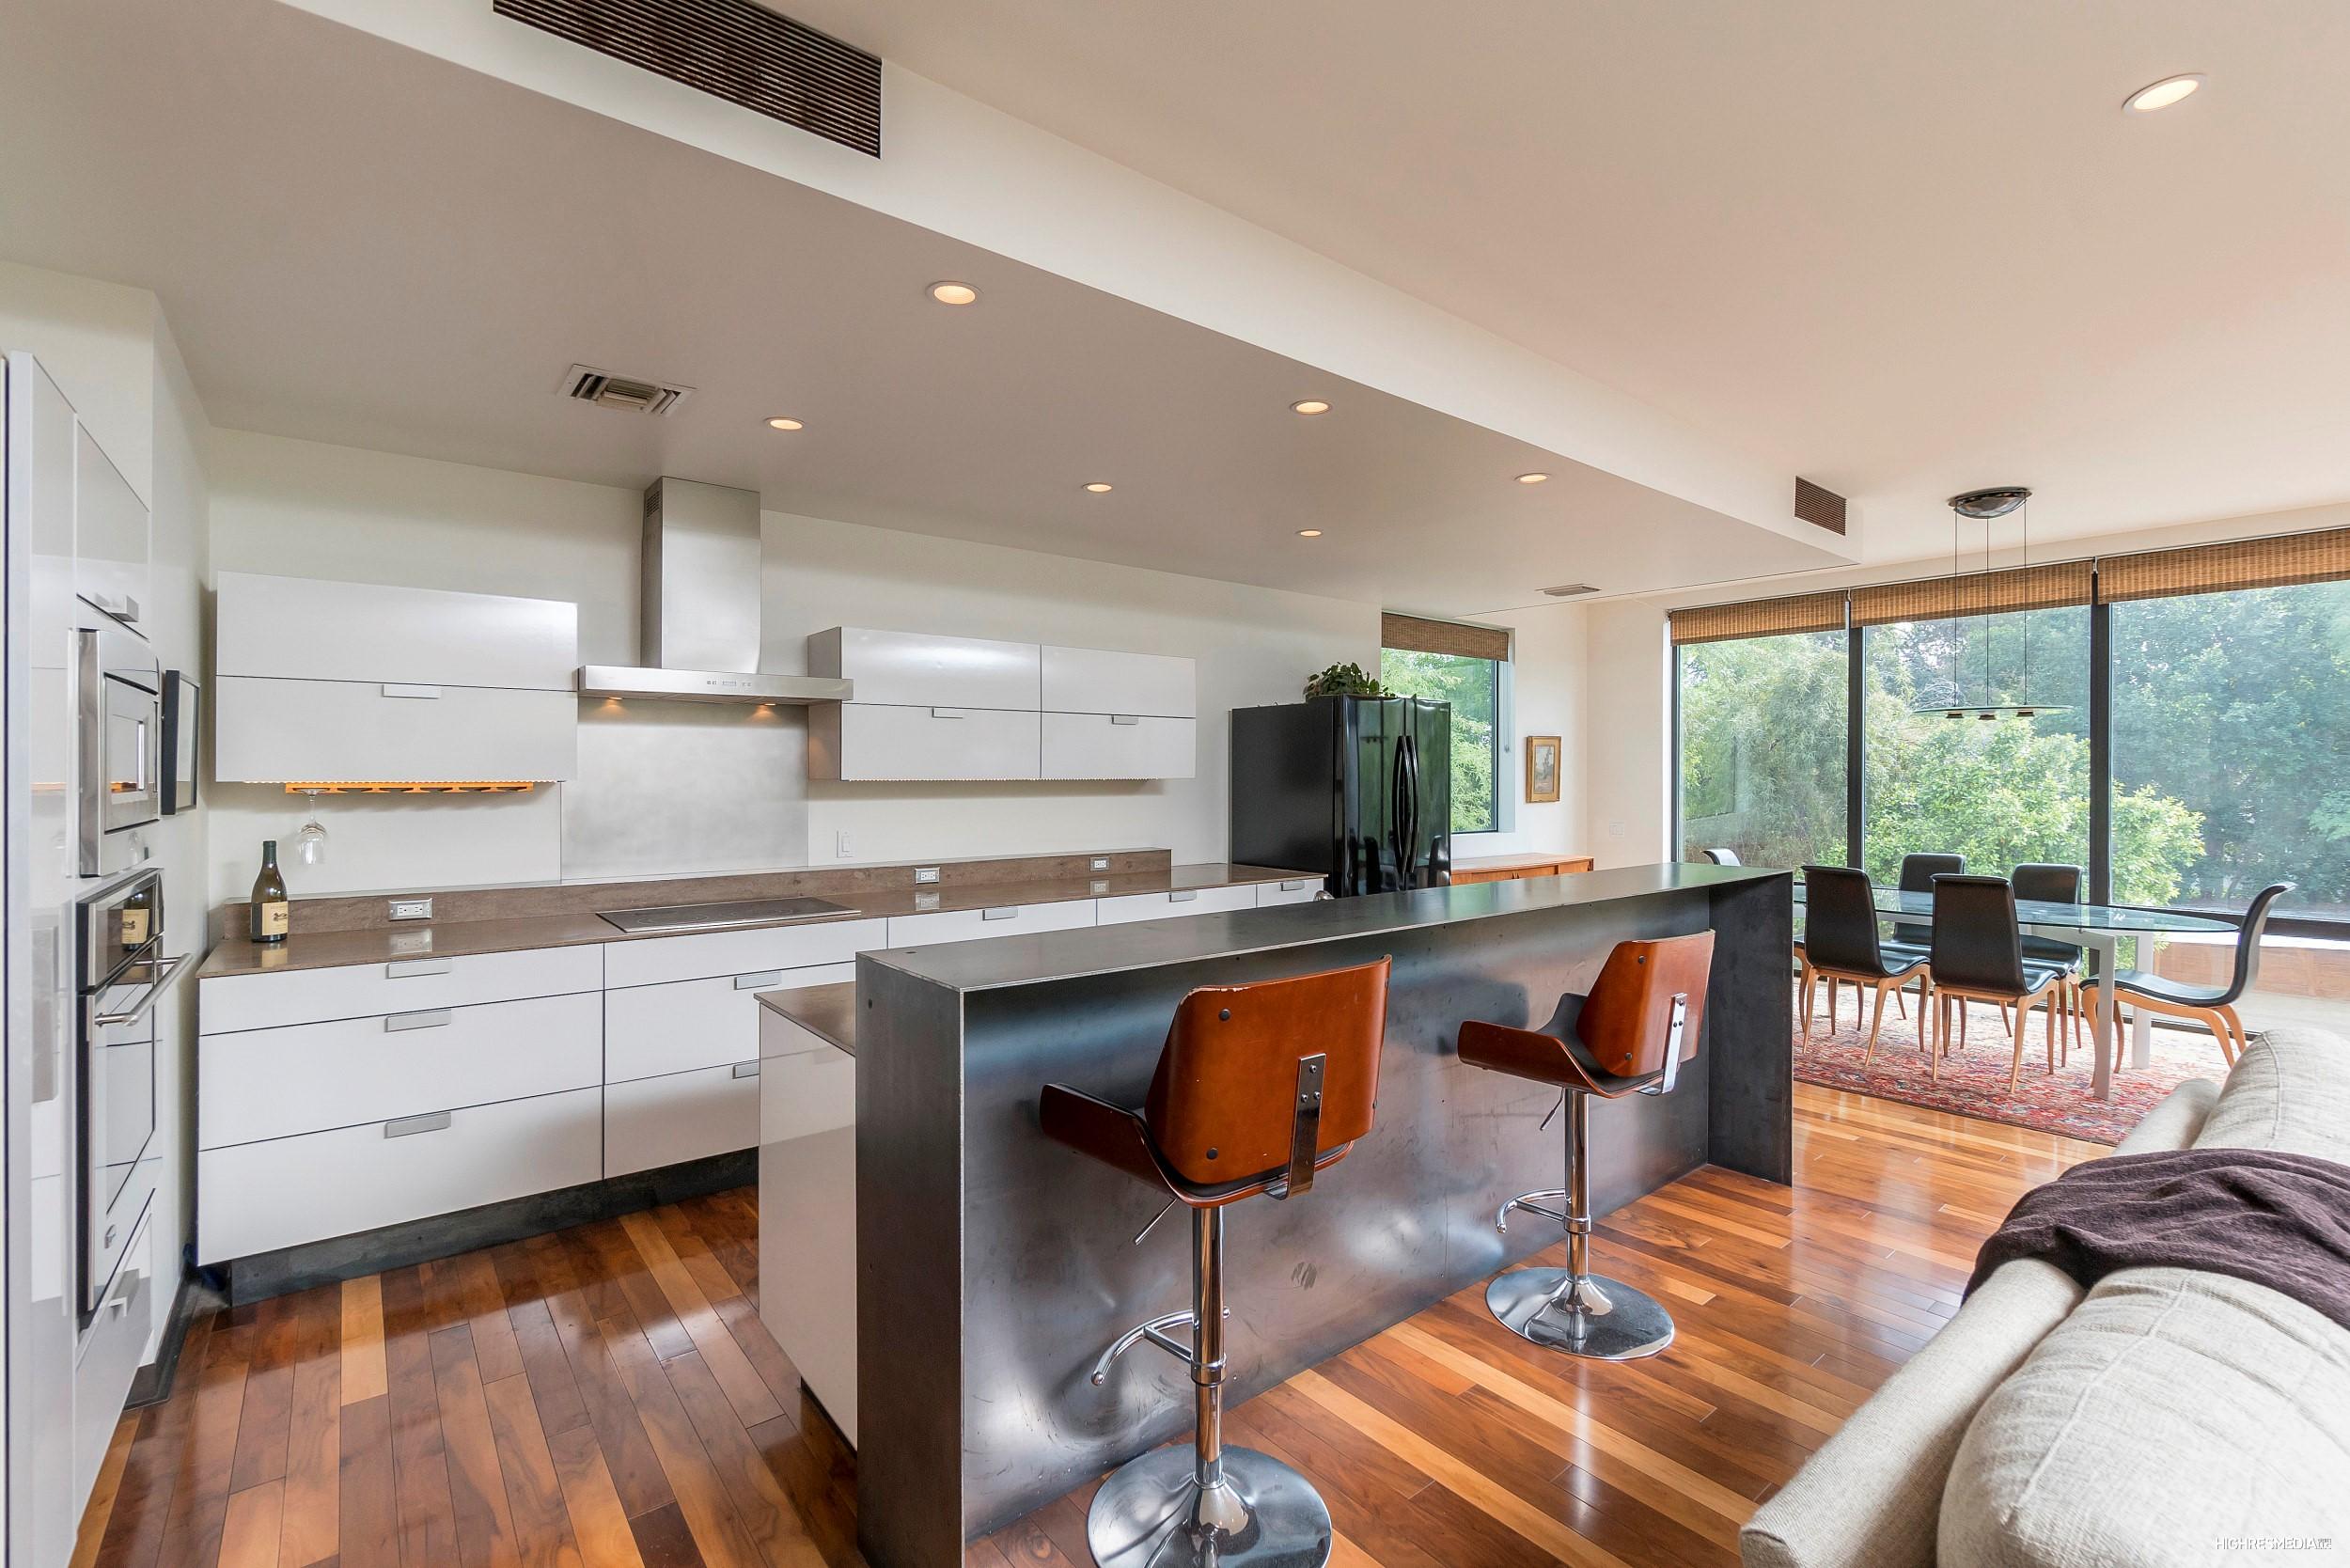 7 stella kitchen views